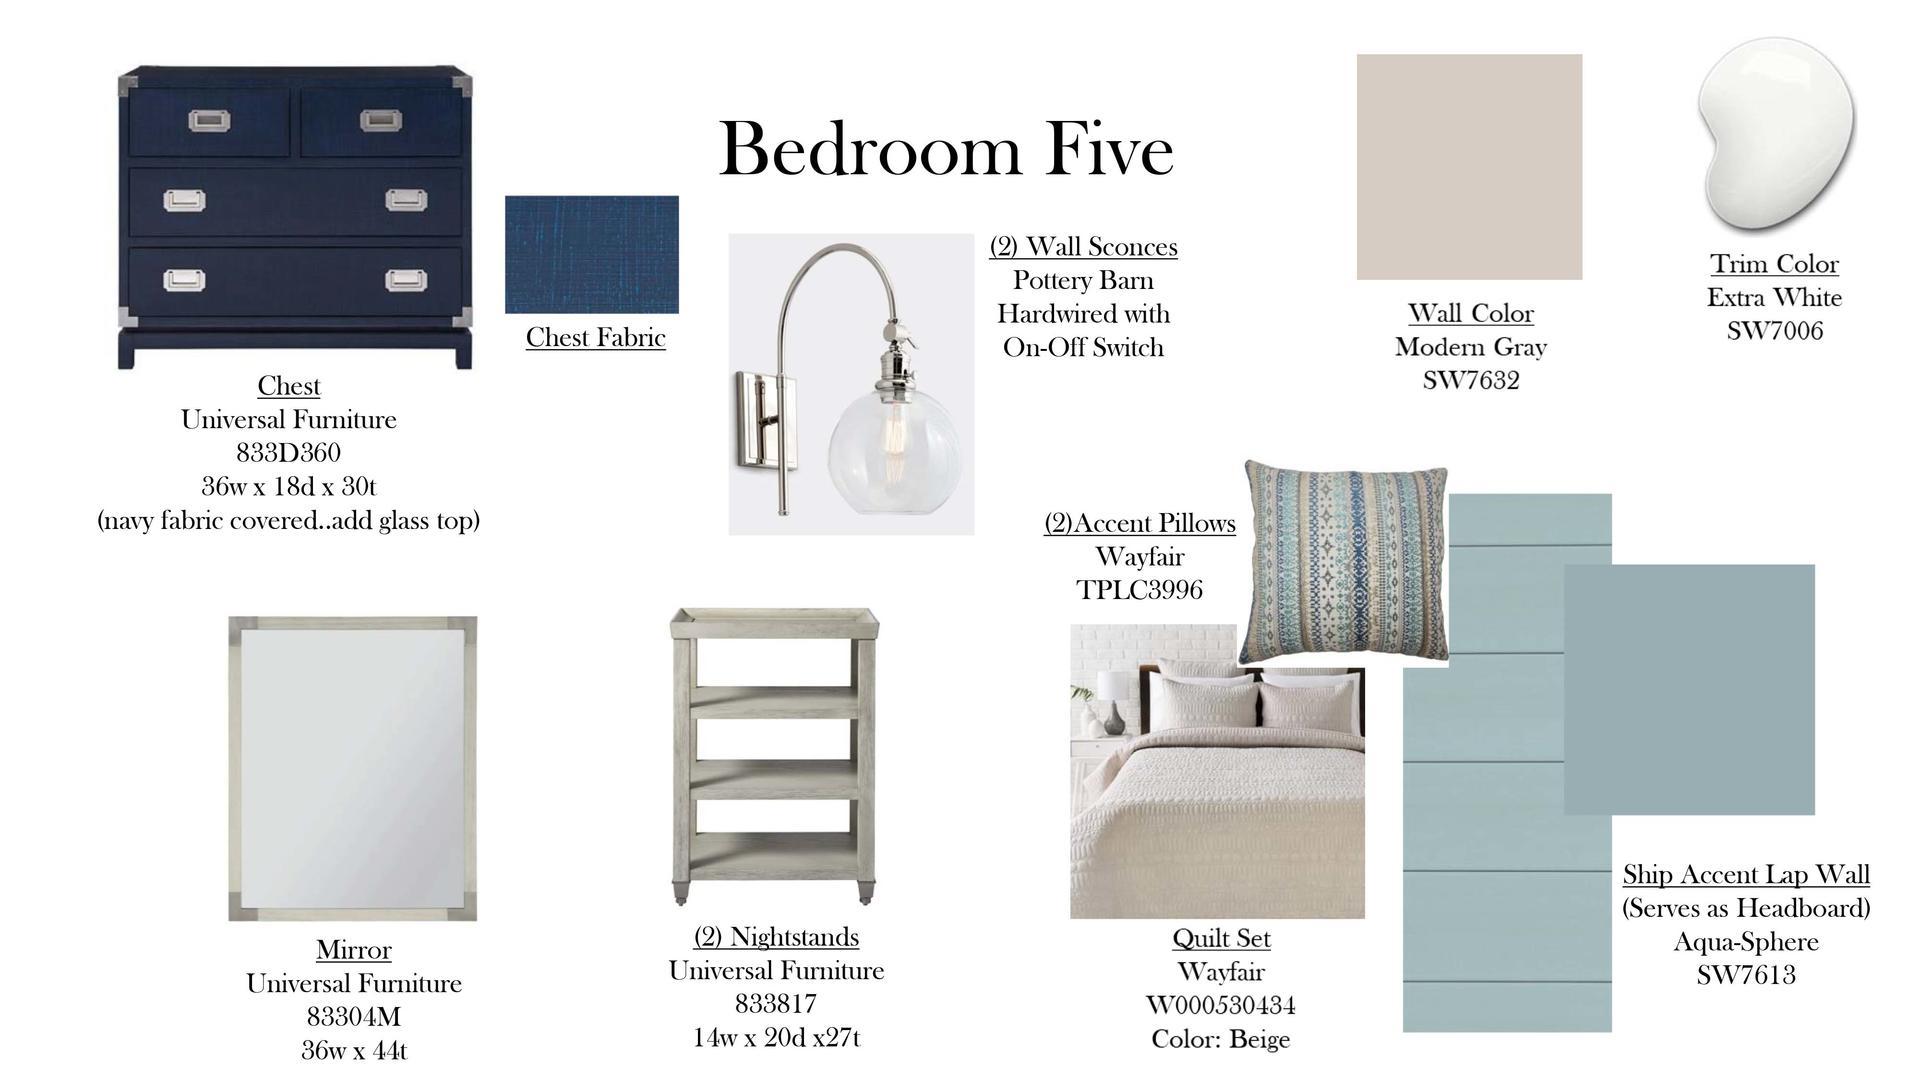 Bedroom Five Specs